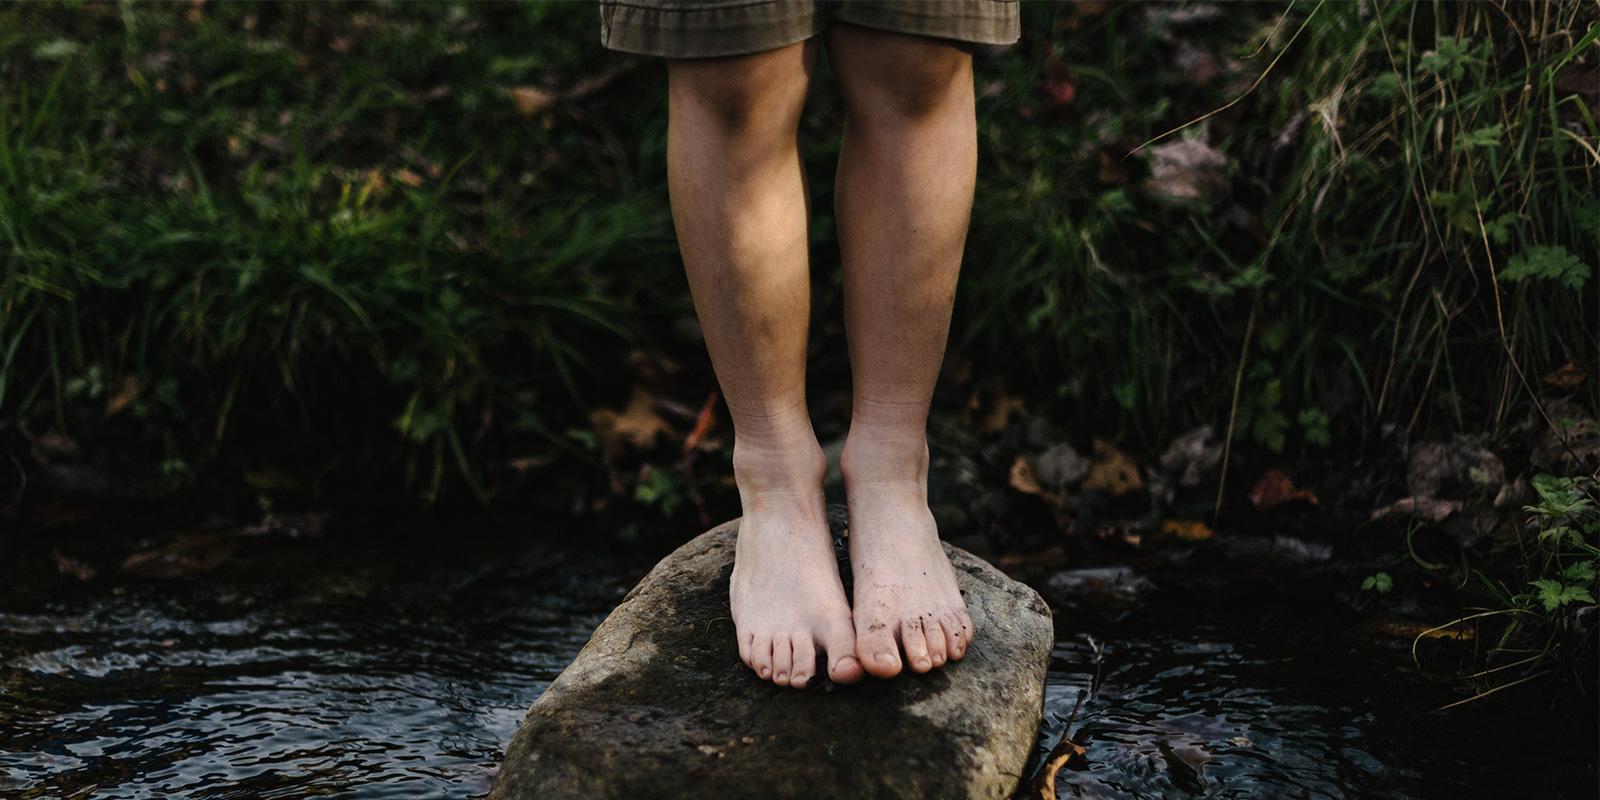 nohy v řece, dítě řeka, příroda a řeka, potok, vesnice